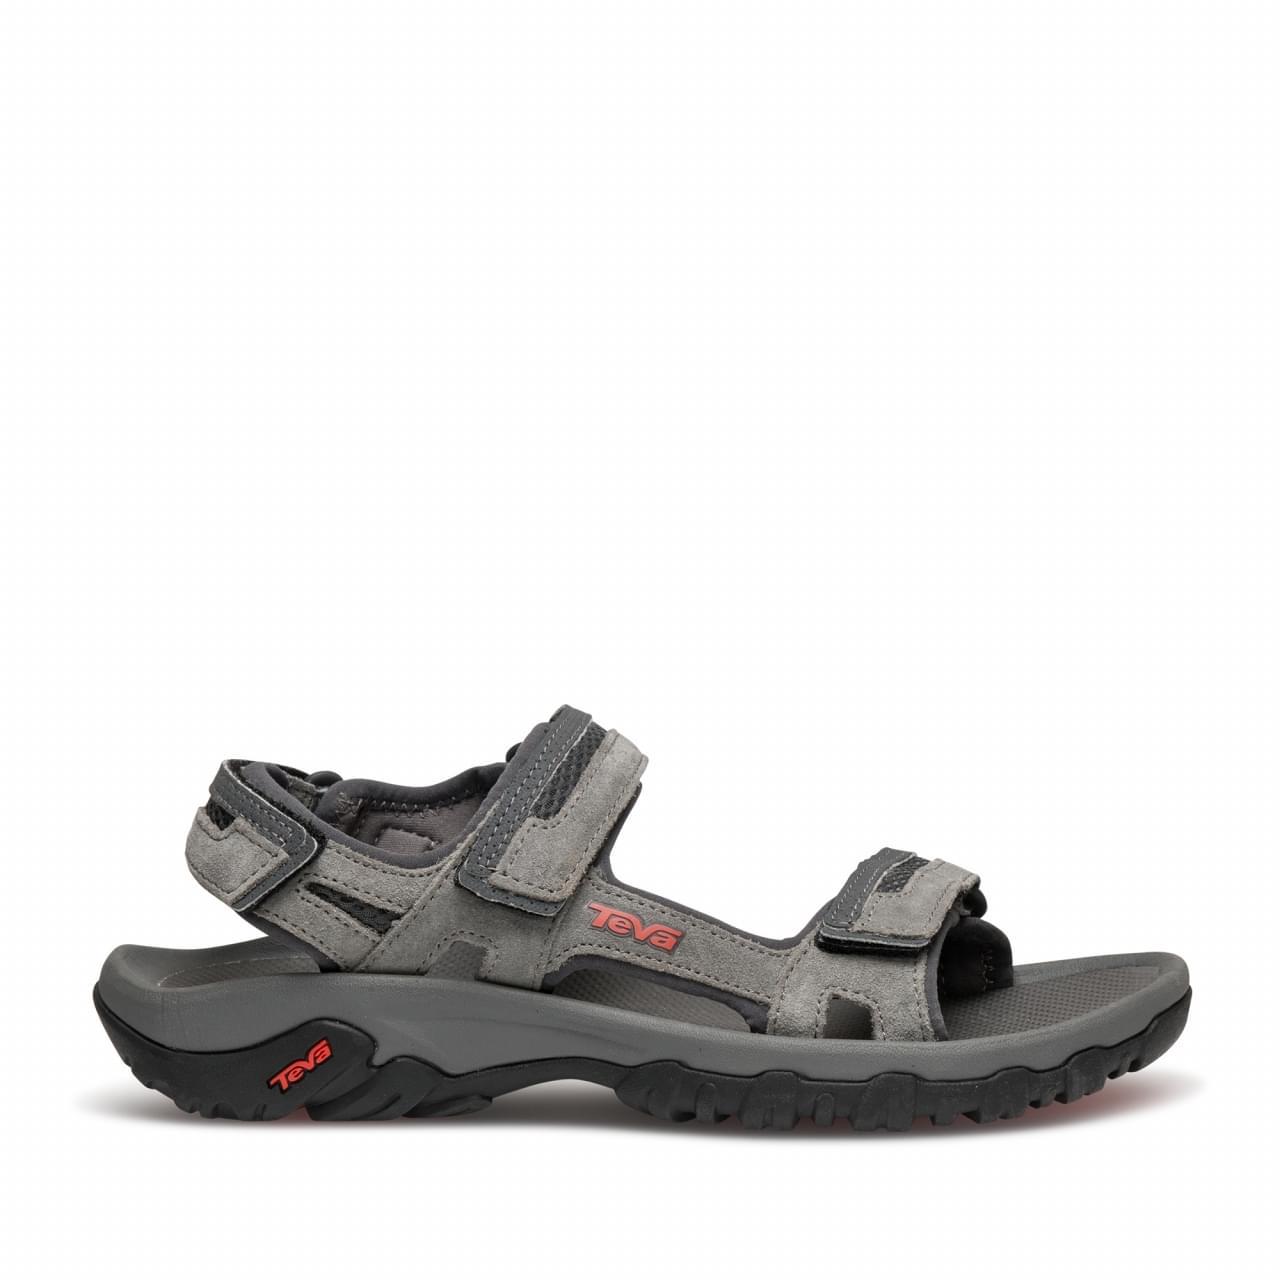 Een comfortabele sandaal waar je prima een lekkere wandeling op kan maken. dan ben je bij deze teva aan het ...